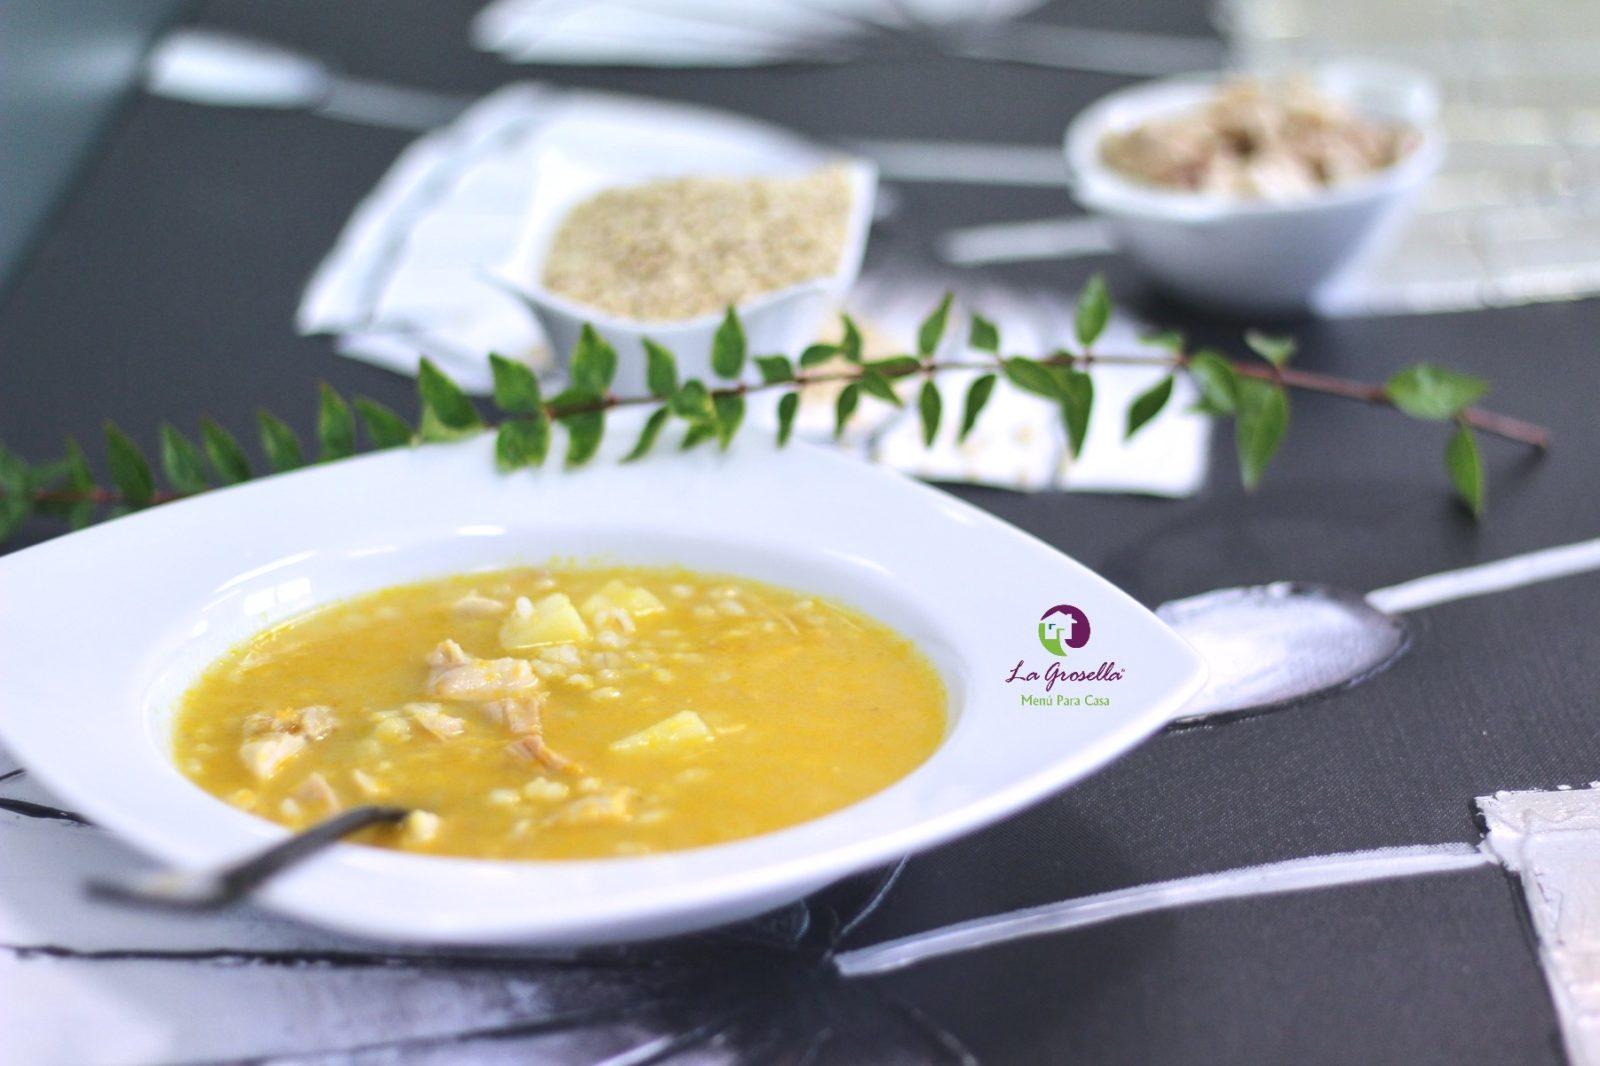 Sopa de pollo con trigo tierno